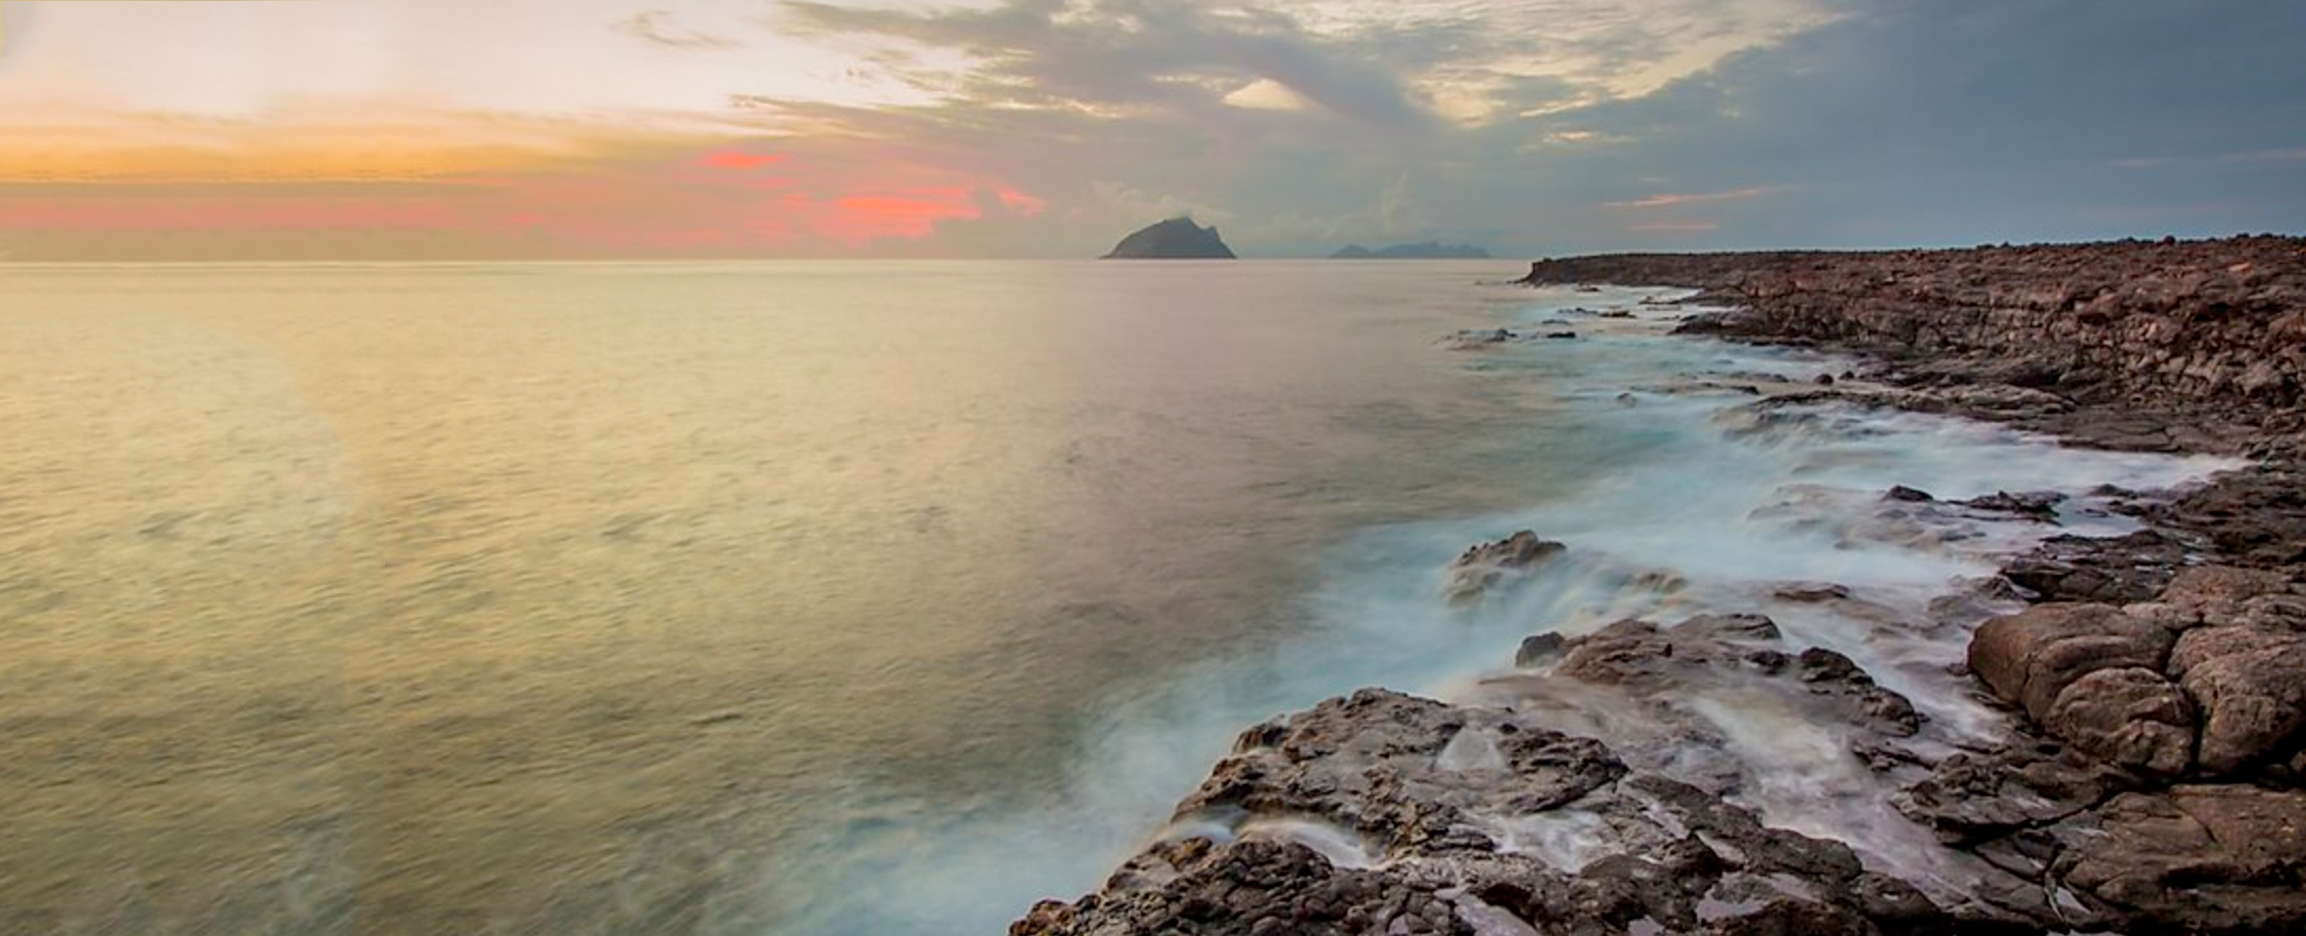 puesta de sol en las islas inhabitadas en cabo verde